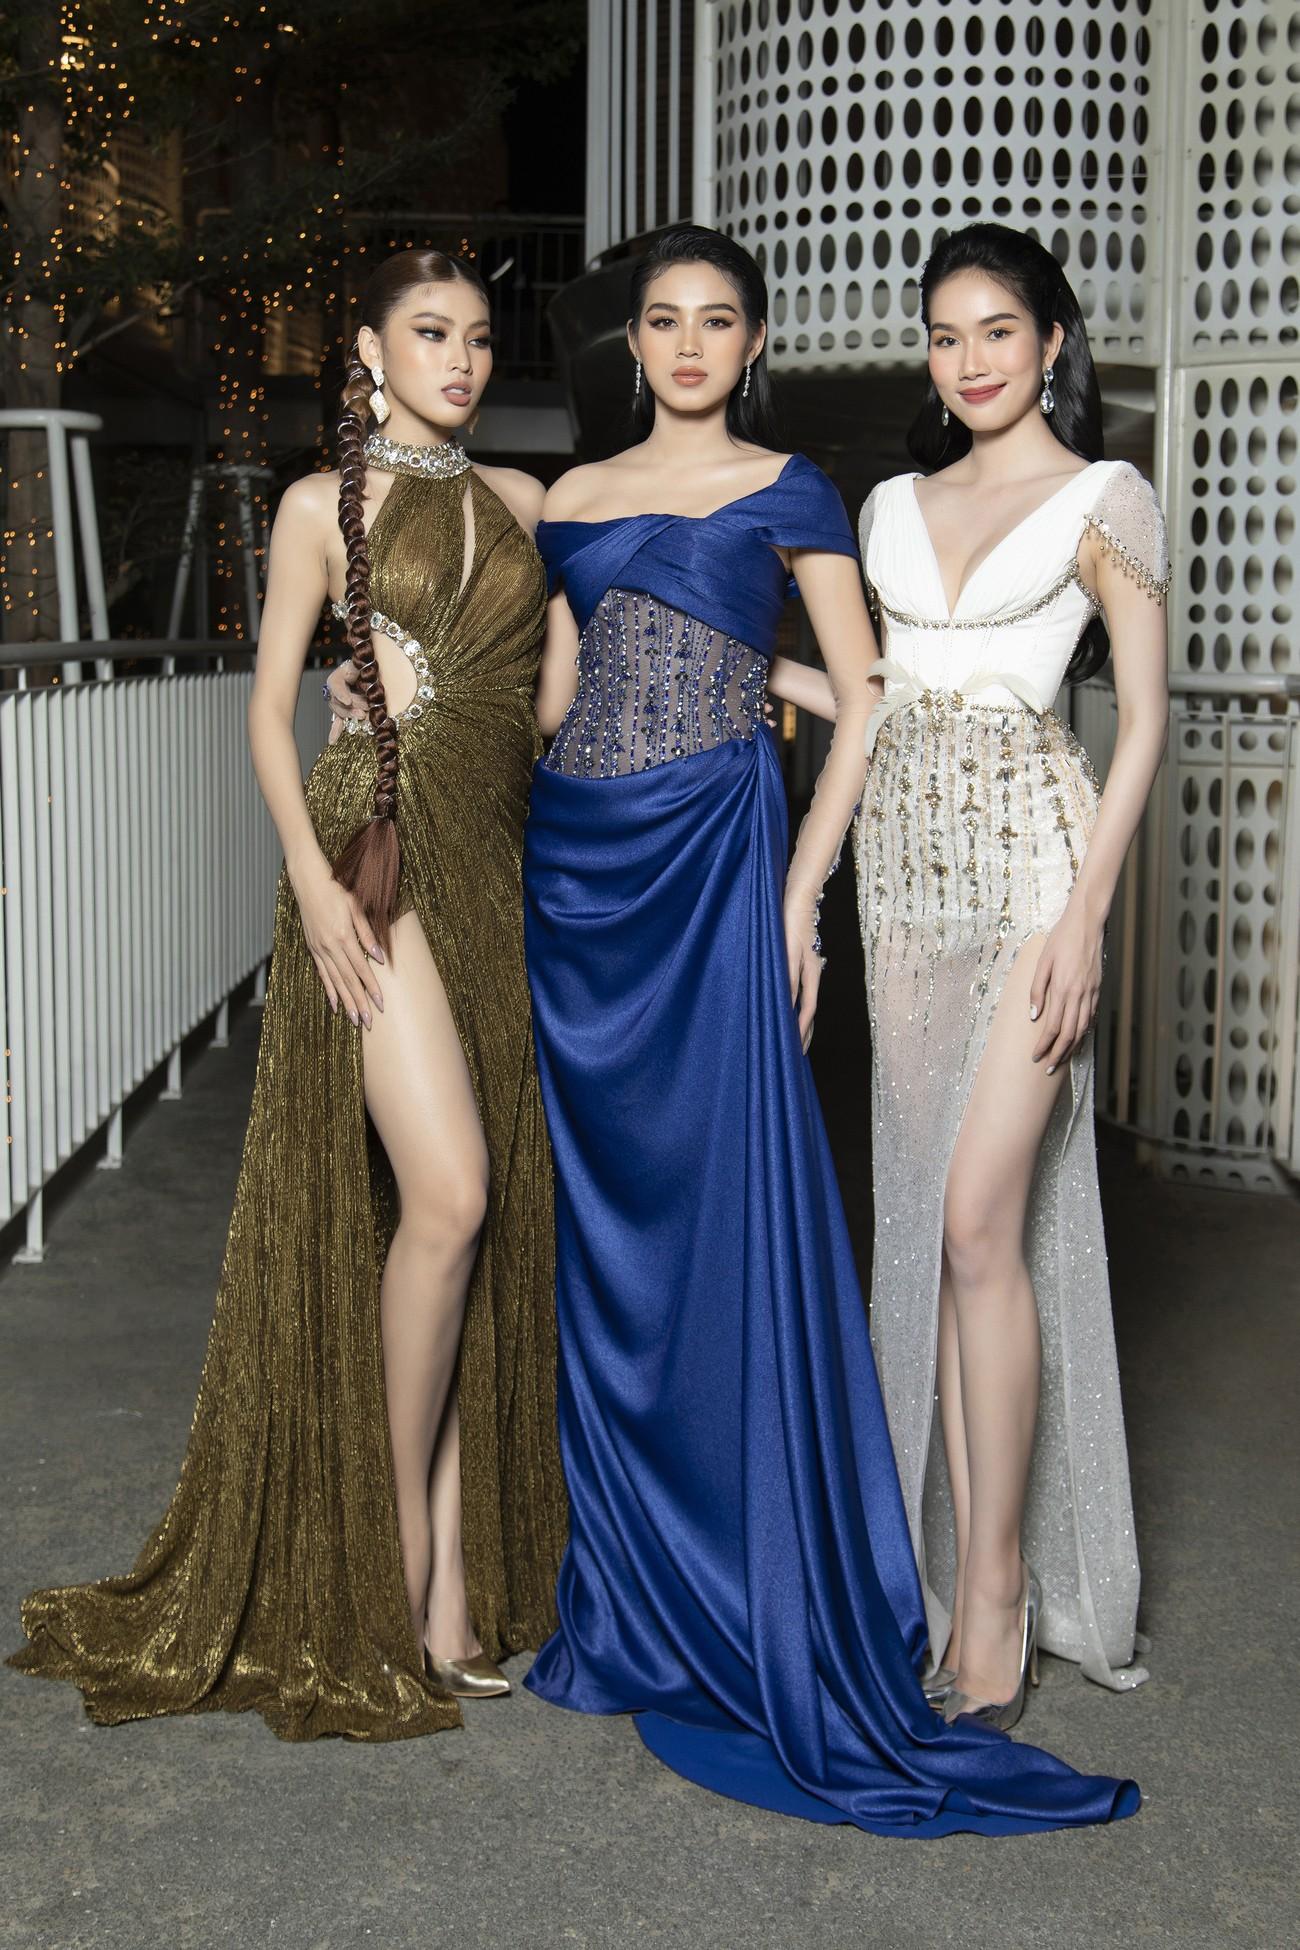 Top 3 Hoa hậu Việt Nam 2020 mặc váy cắt xẻ gợi cảm, đọ sắc Lương Thuỳ Linh-Kiều Loan ảnh 1